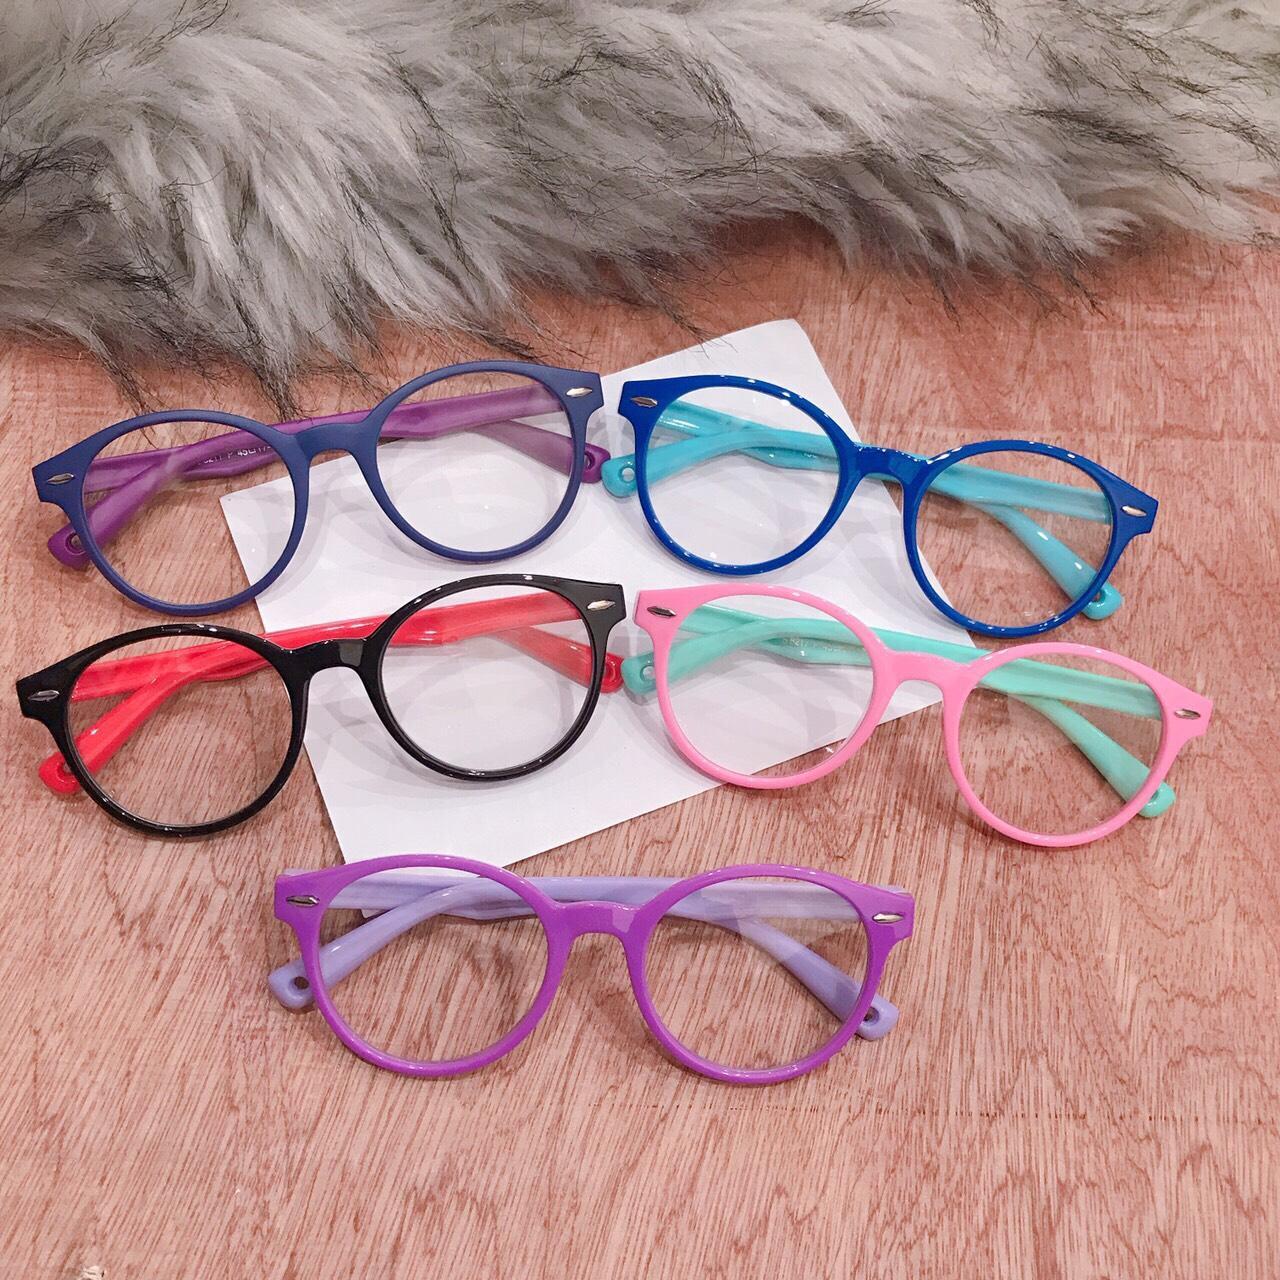 Giá bán kính mát cho bé yêu BY01 vui lễ quốc tế thiếu nhi 1/6, gọng dẻo tròng kính an toàn cho mắt bé ( tặng túi kính )